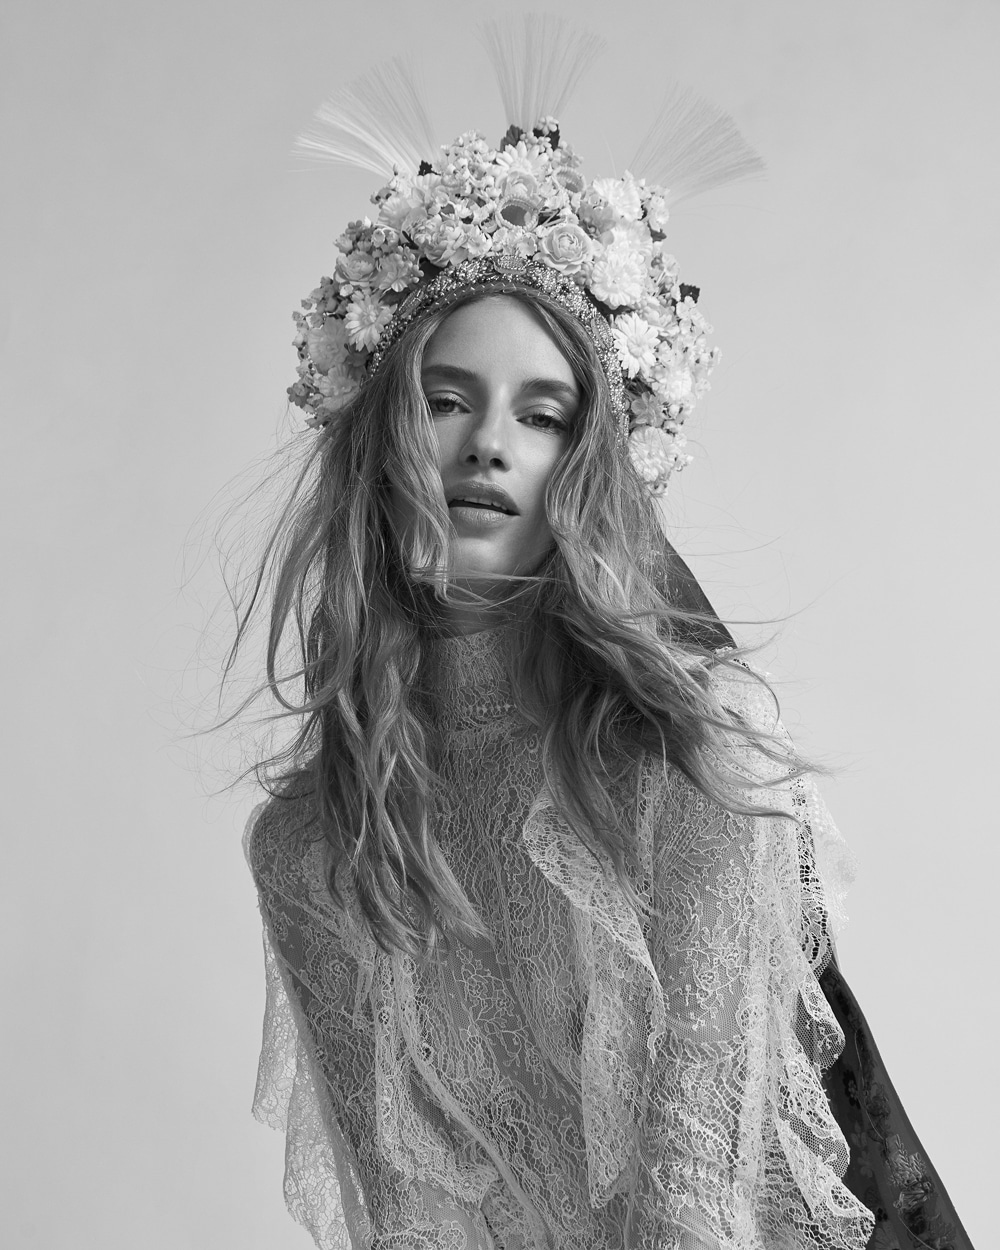 Harpers-Bazaar-Czech-October-2018-Linda-Vojtova-Andreas-Ortner-6.jpg